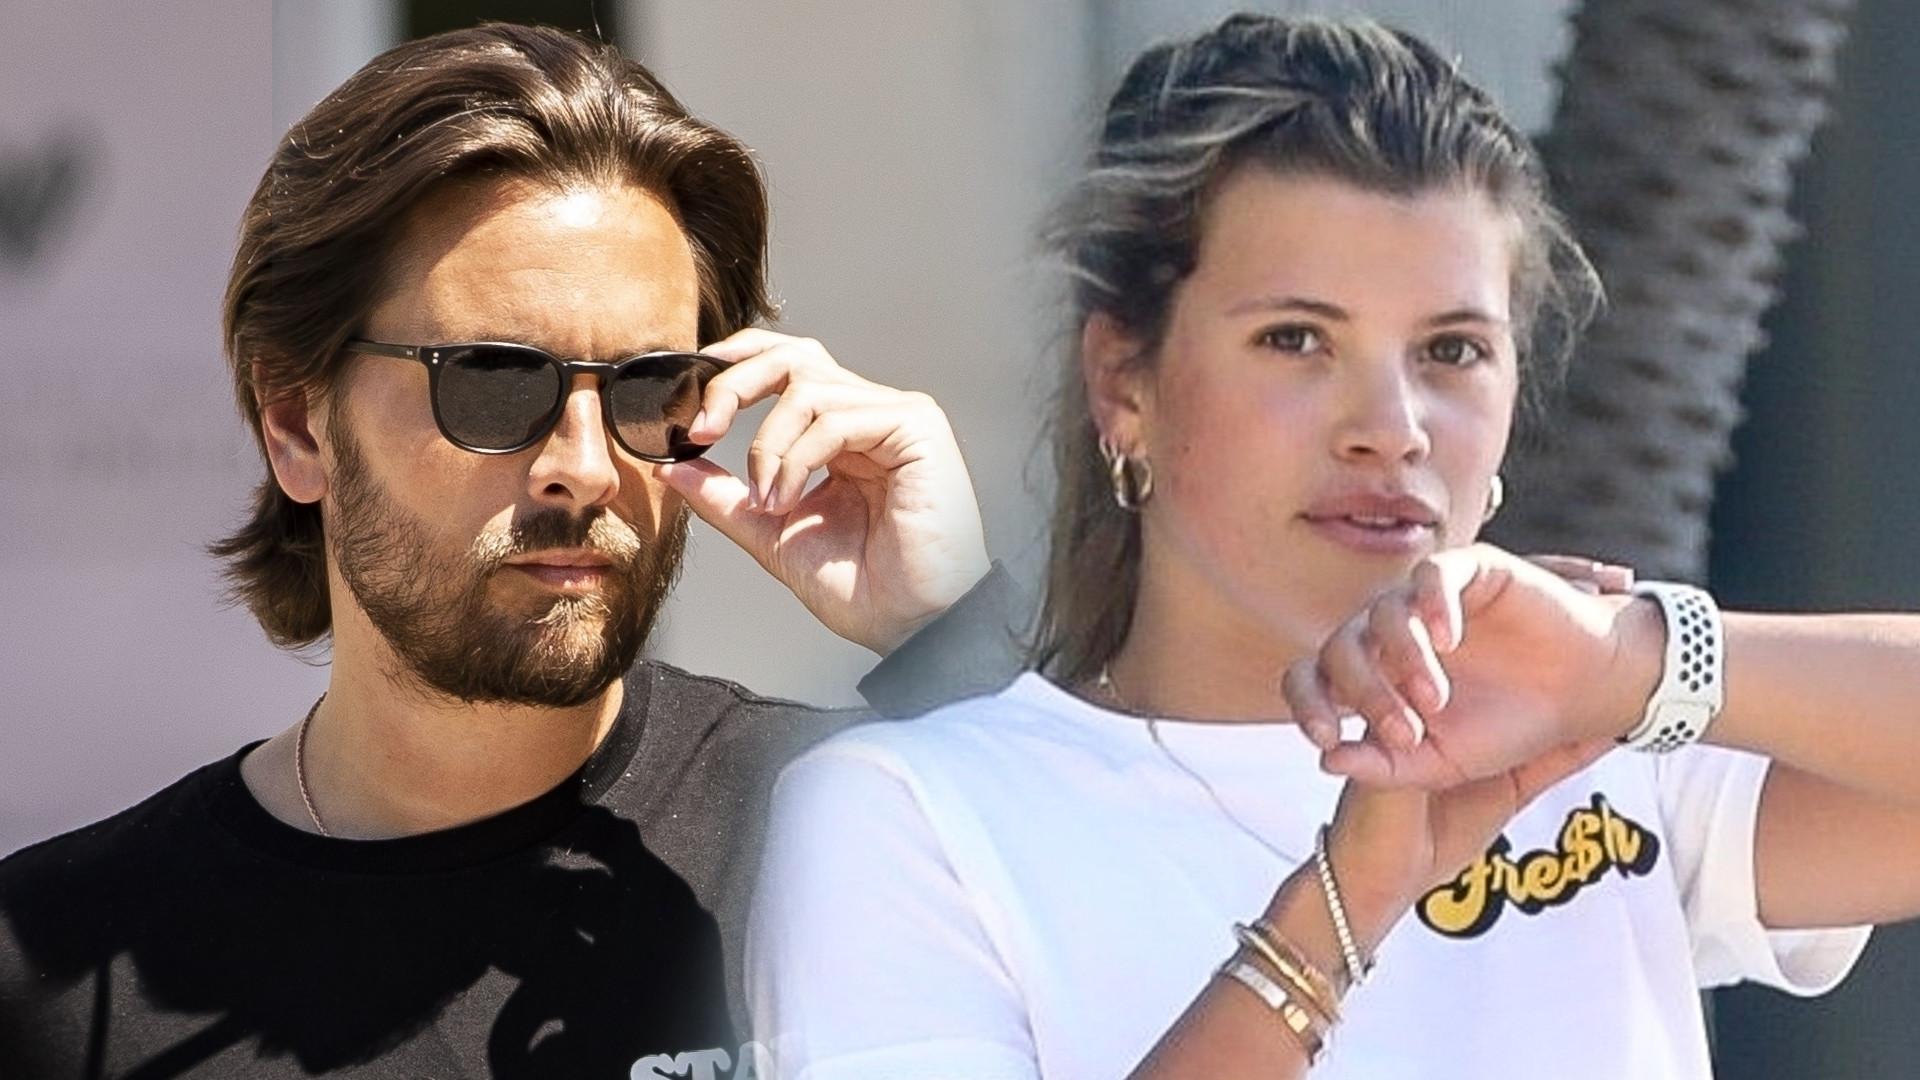 Scott Disick kupuje biżuterię po rozstaniu z Sofią Richie i wyjściu z odwyku (ZDJĘCIA)